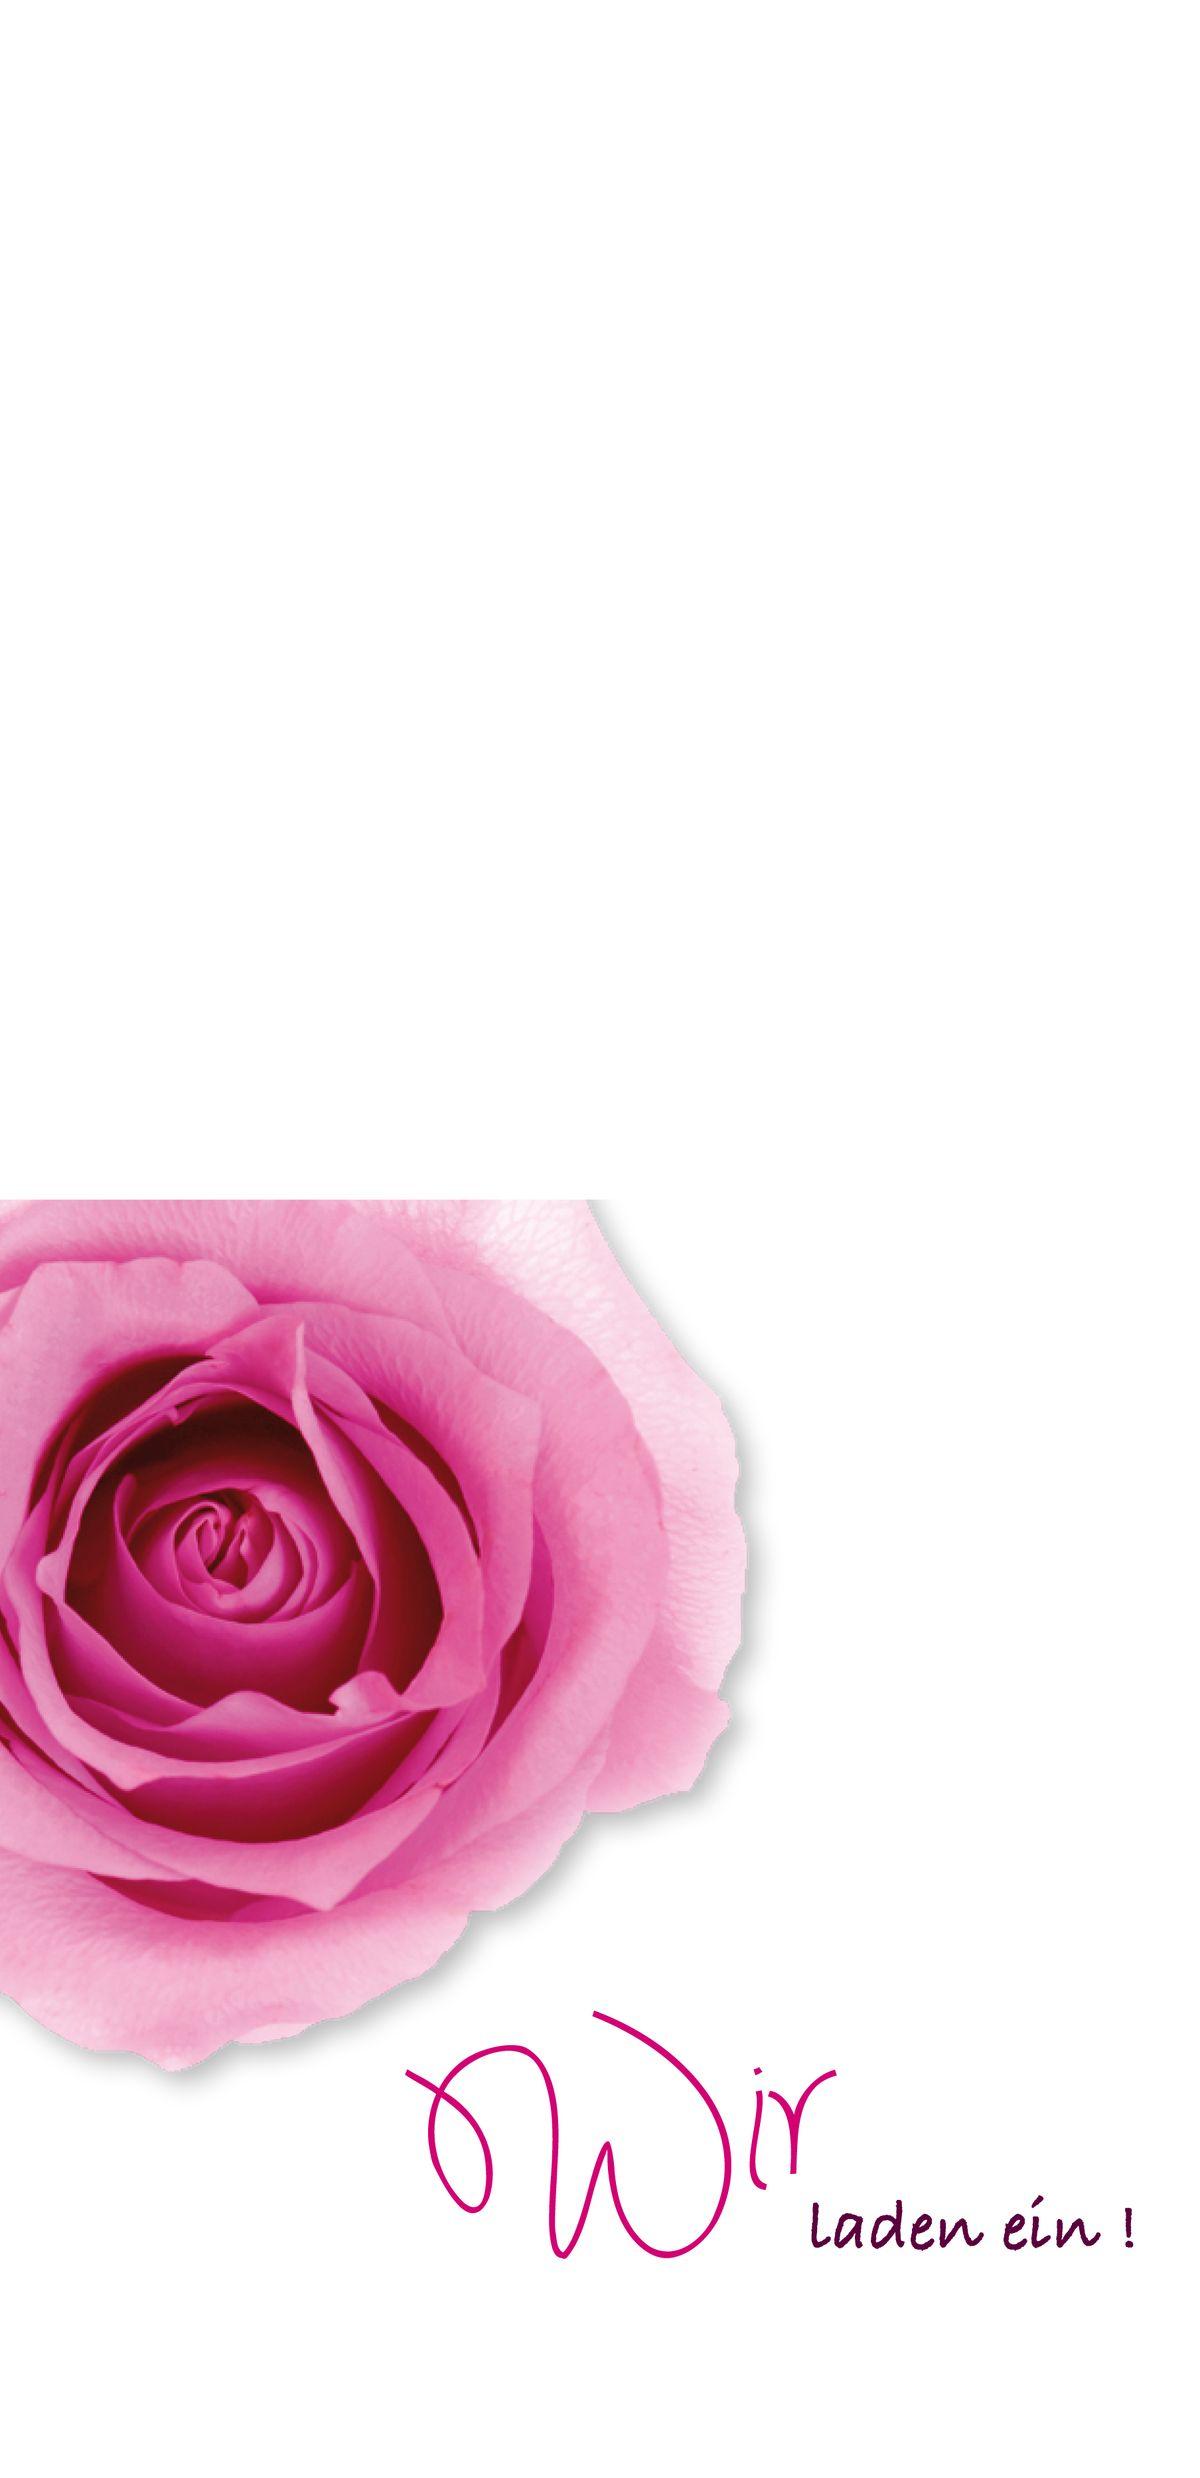 Fächer einsteck kuverts rosen erblühen